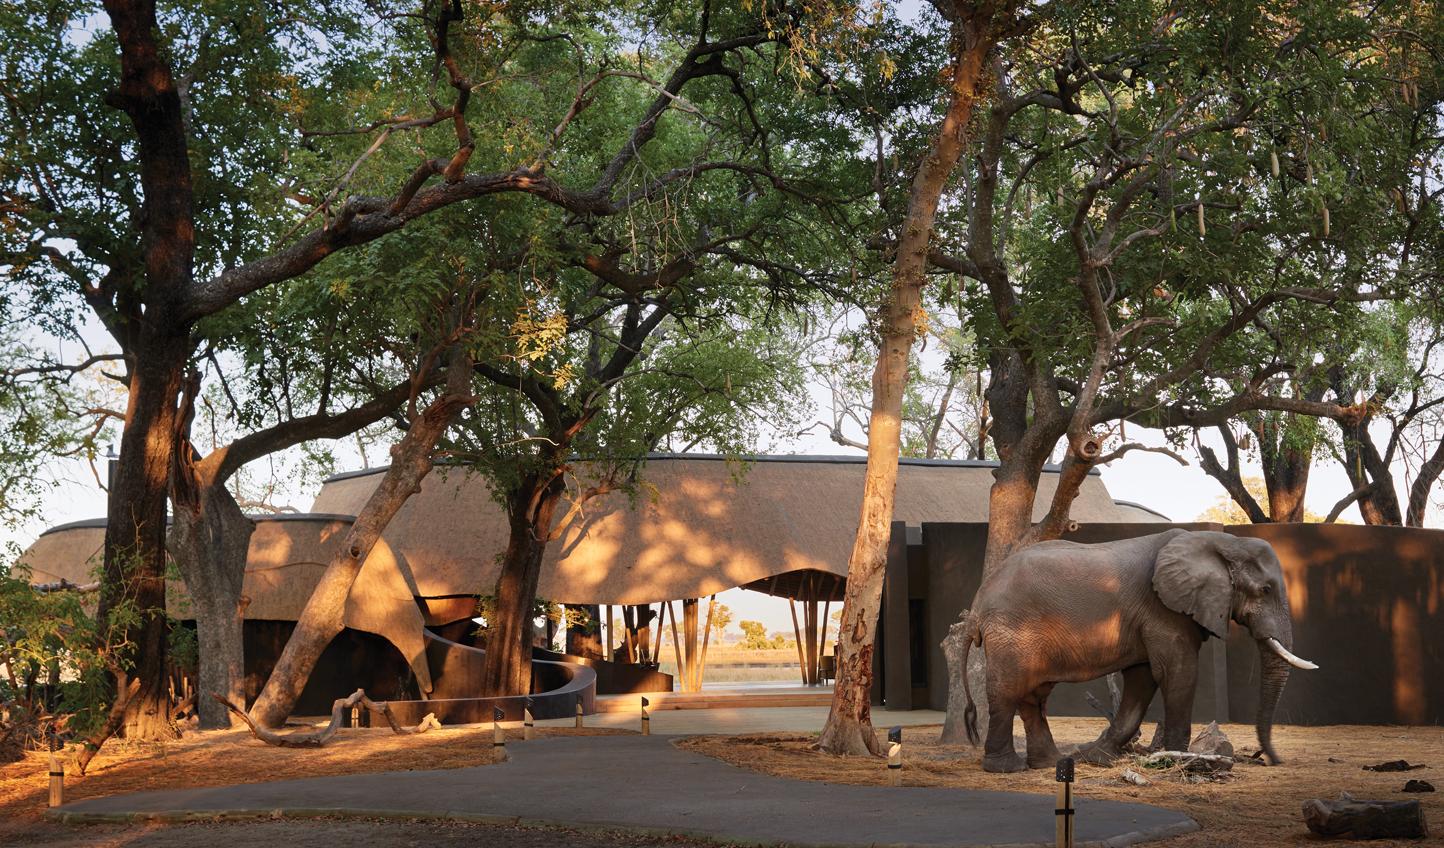 Your safari adventure begins here